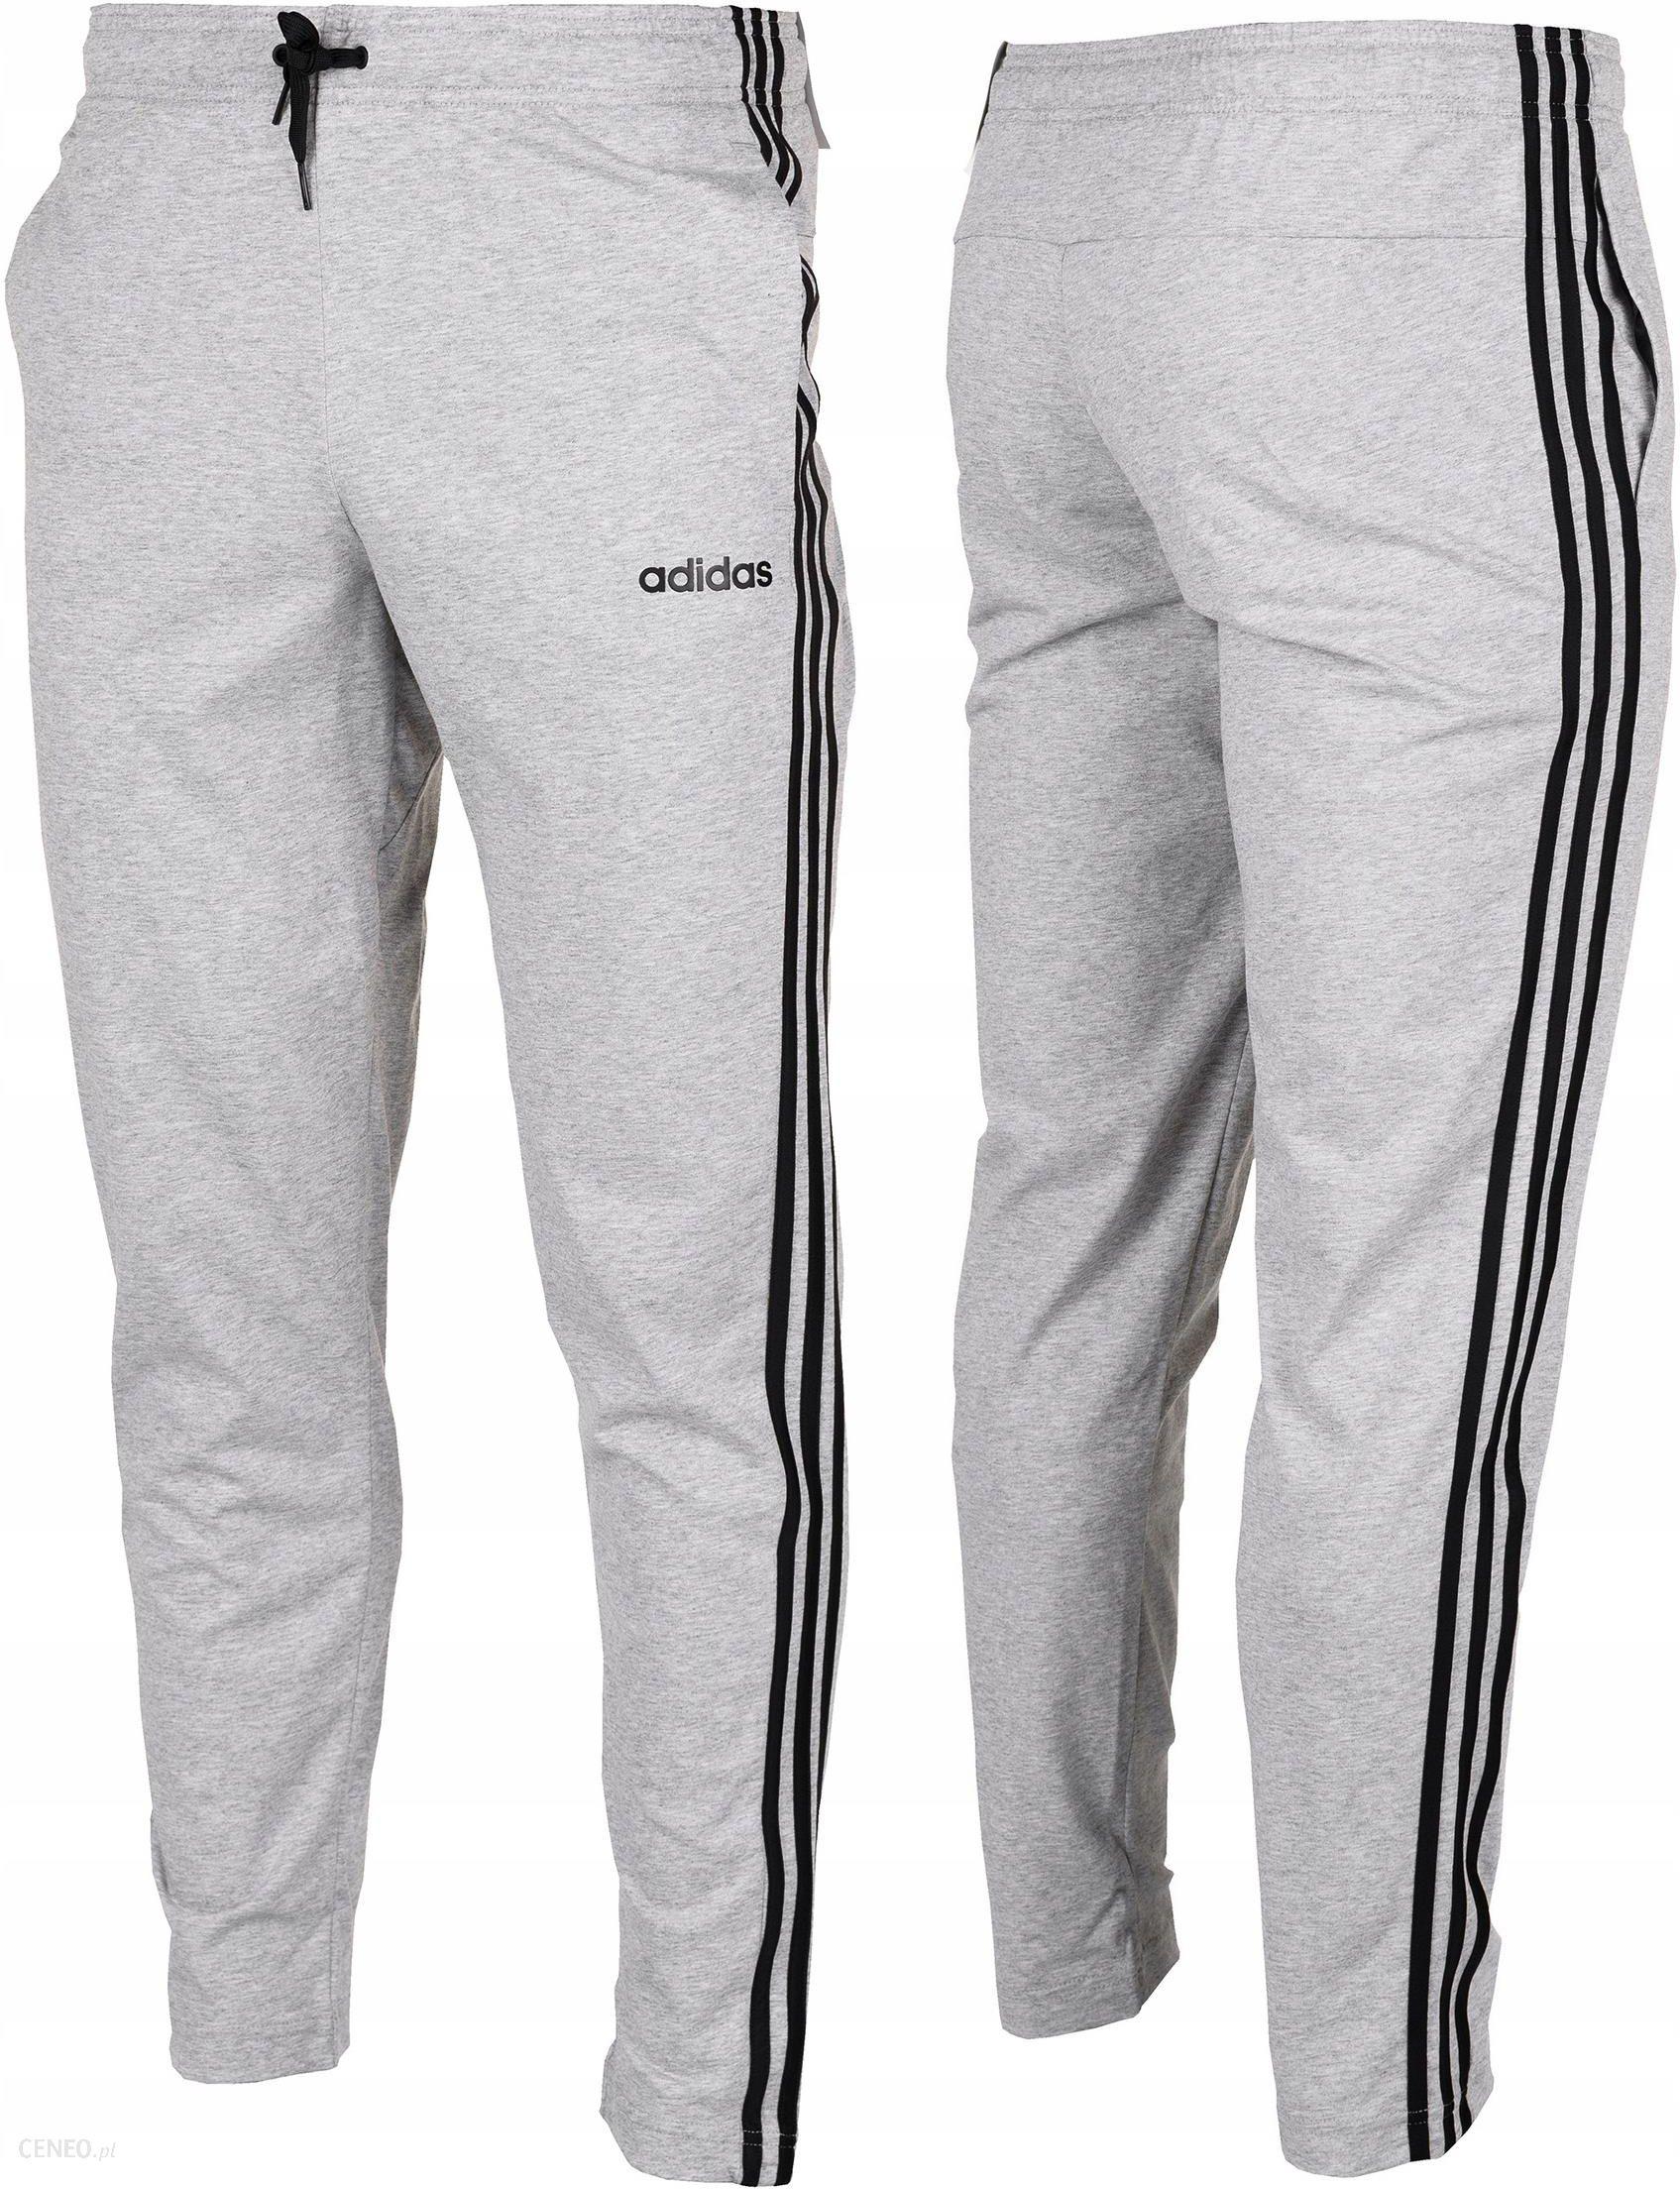 Adidas spodnie dresowe meskie Essentials 3S r.XL Ceny i opinie Ceneo.pl